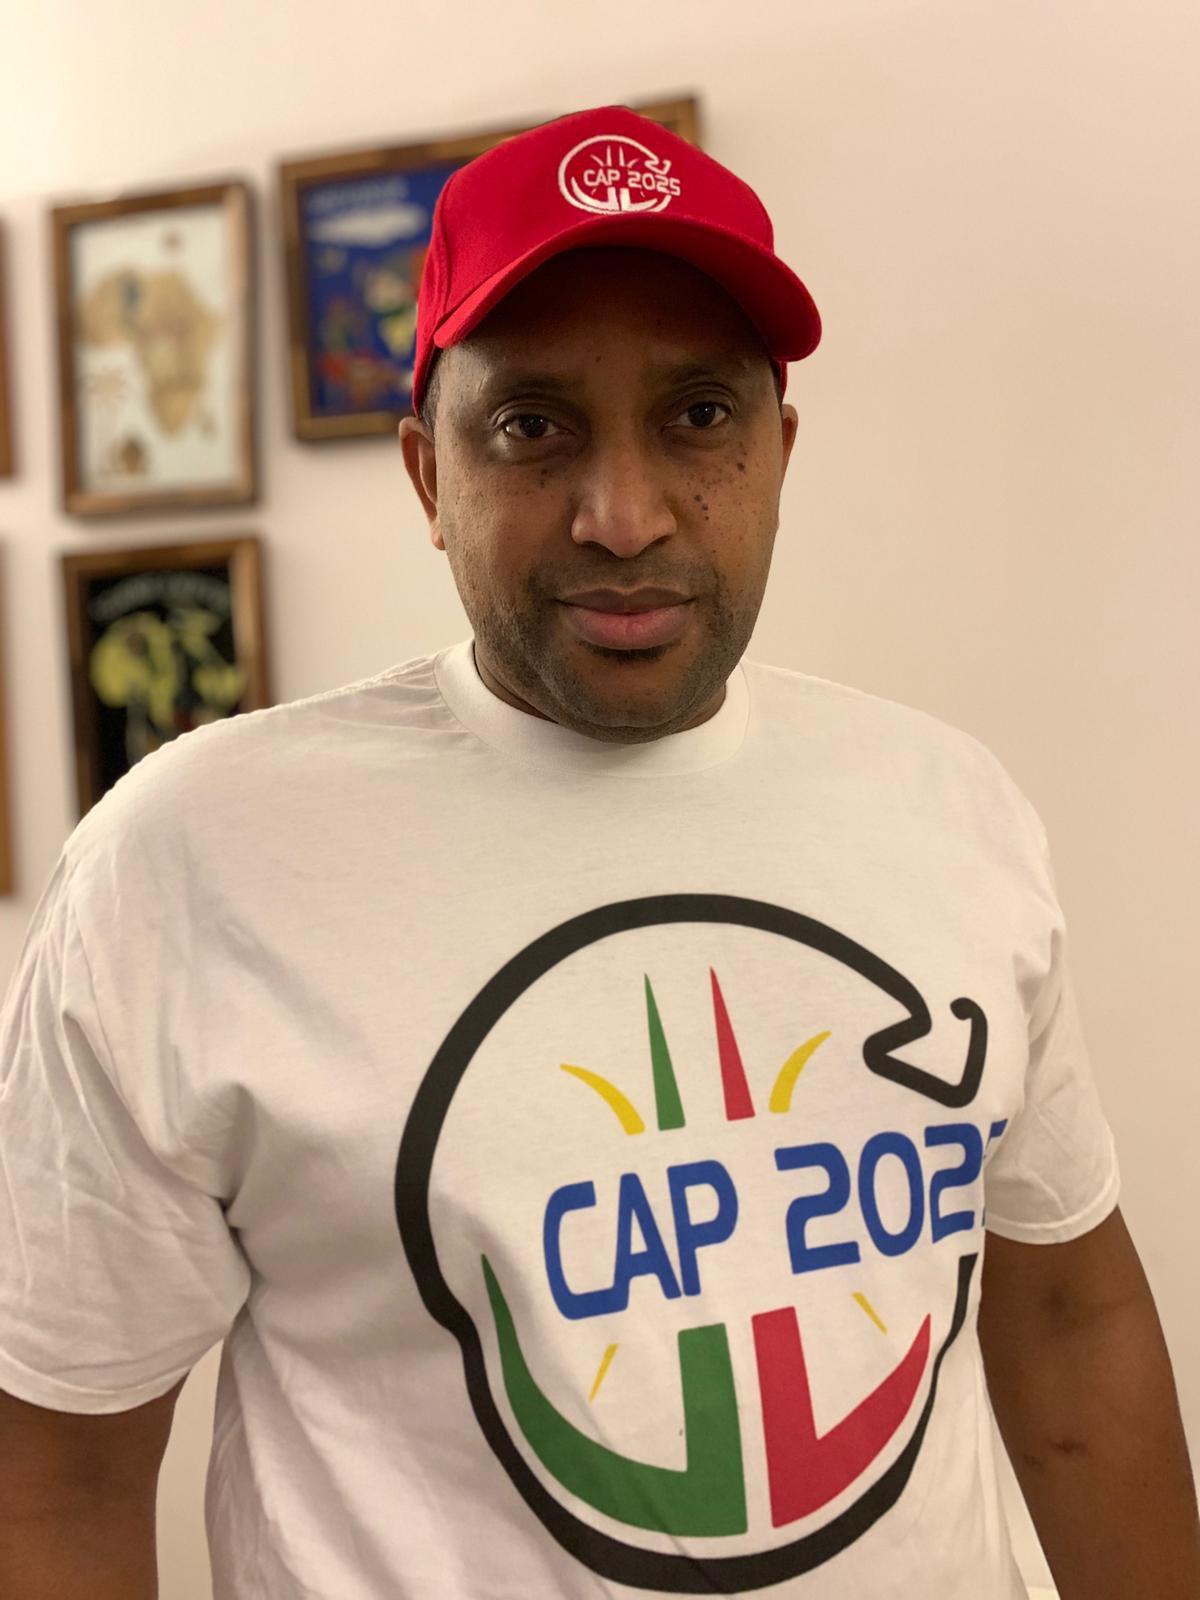 Président réformateur du club Zarasclo et président sortant de la Ligue de Bangui, Guy Maurice Limbio veut redynamiser le basketball Centrafricain à travers son programme ambitieux Cap 2025.